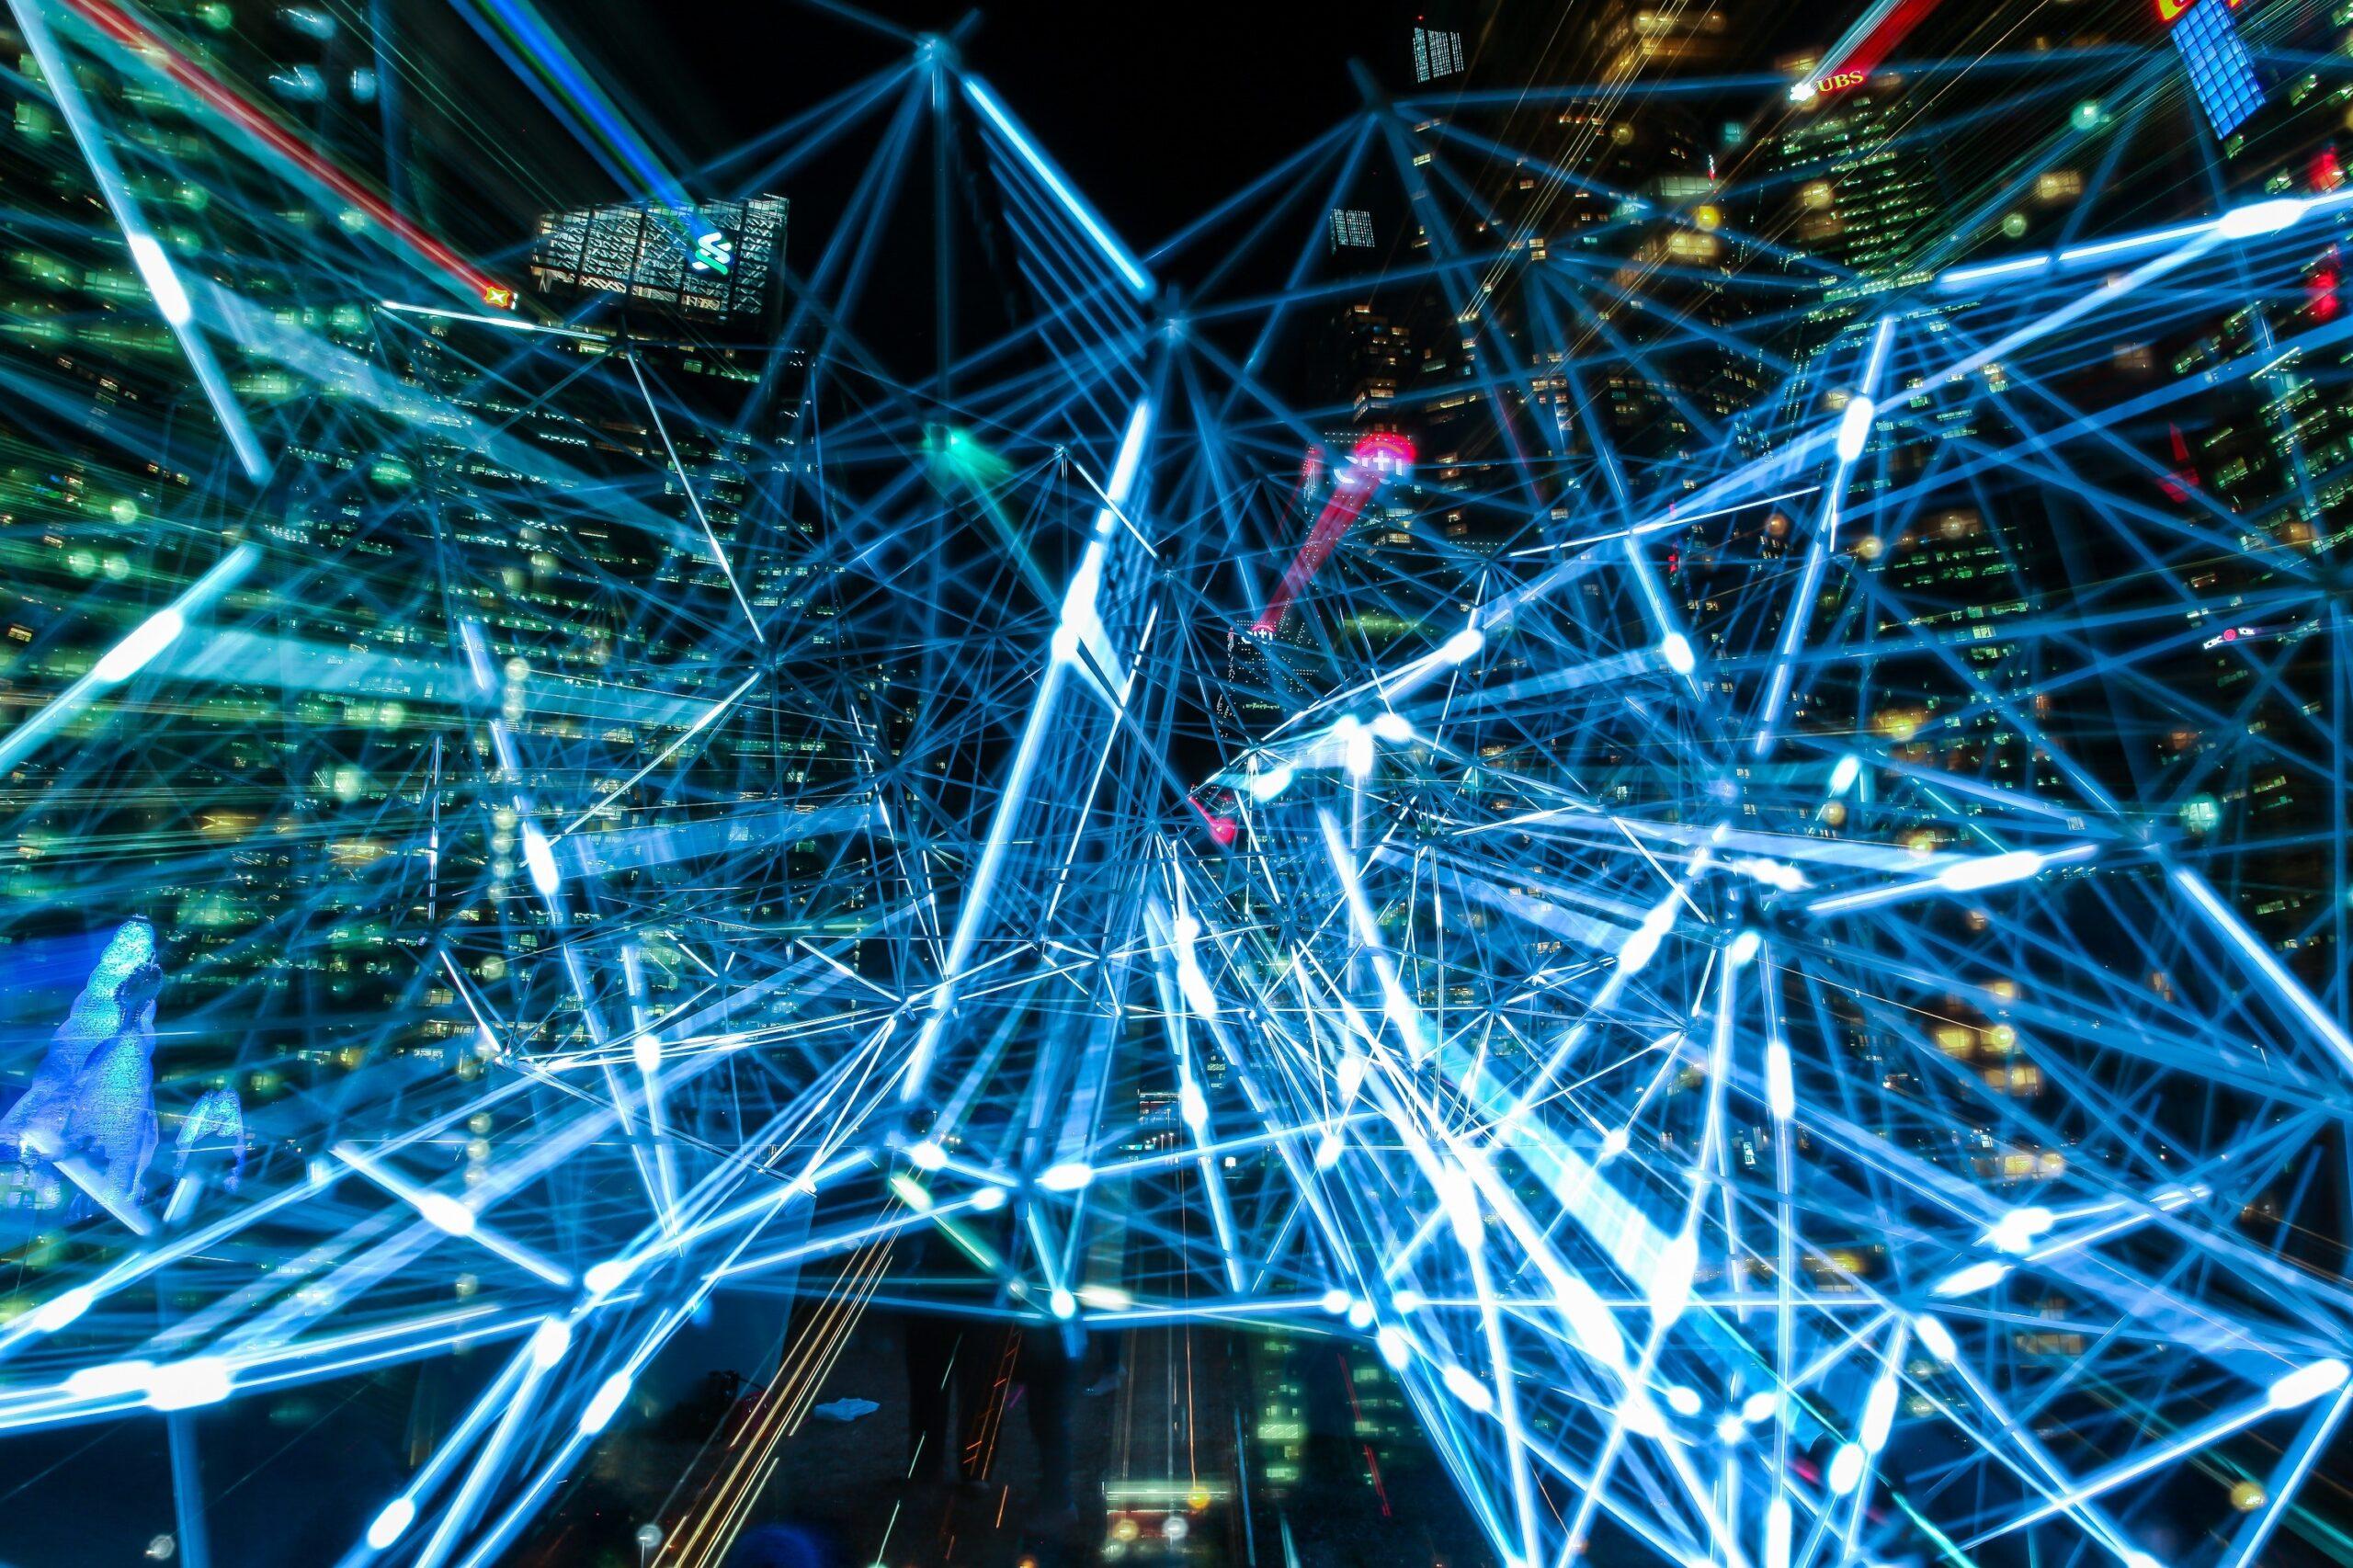 Inteligência artificial - Data driven